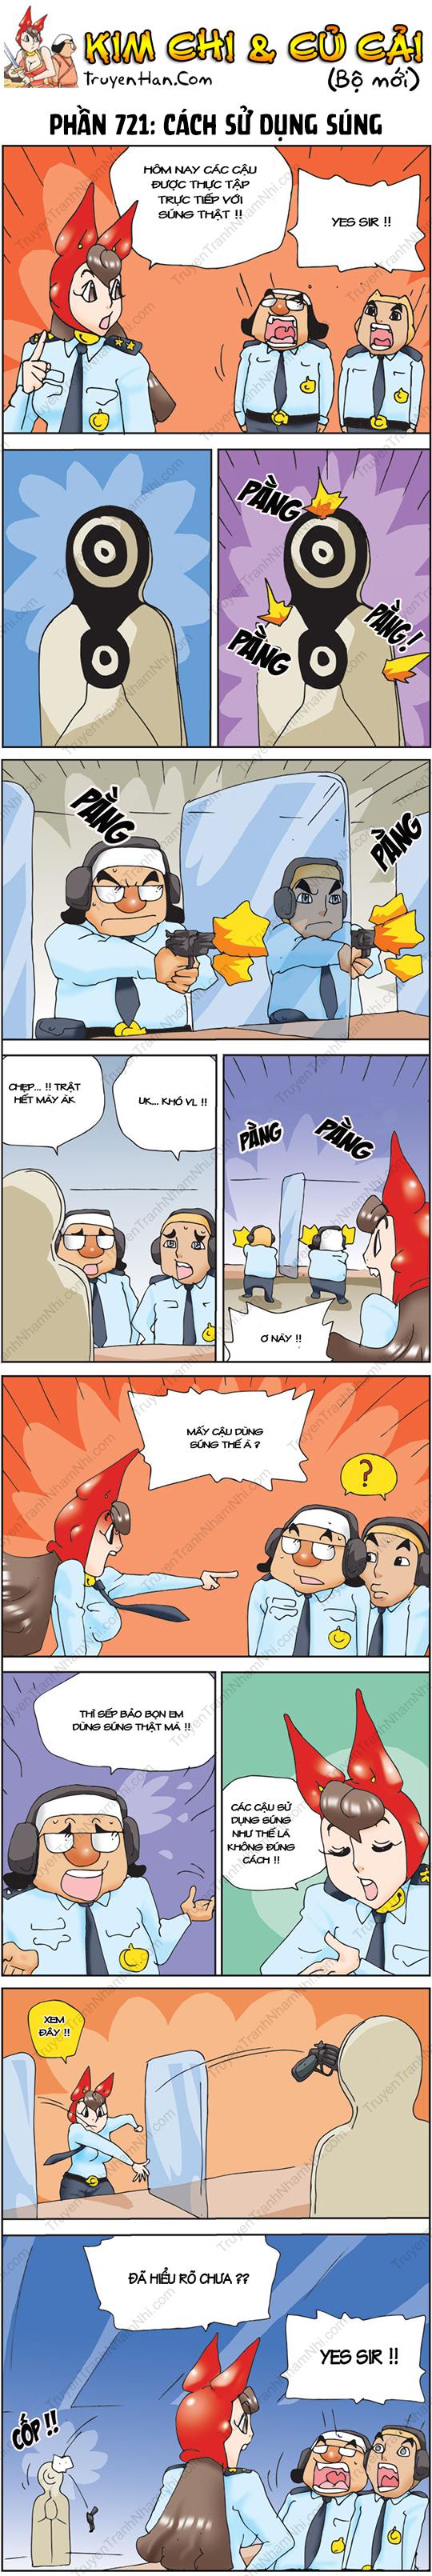 Kim Chi Và Củ Cải Phần 721: Cách sử dụng súng